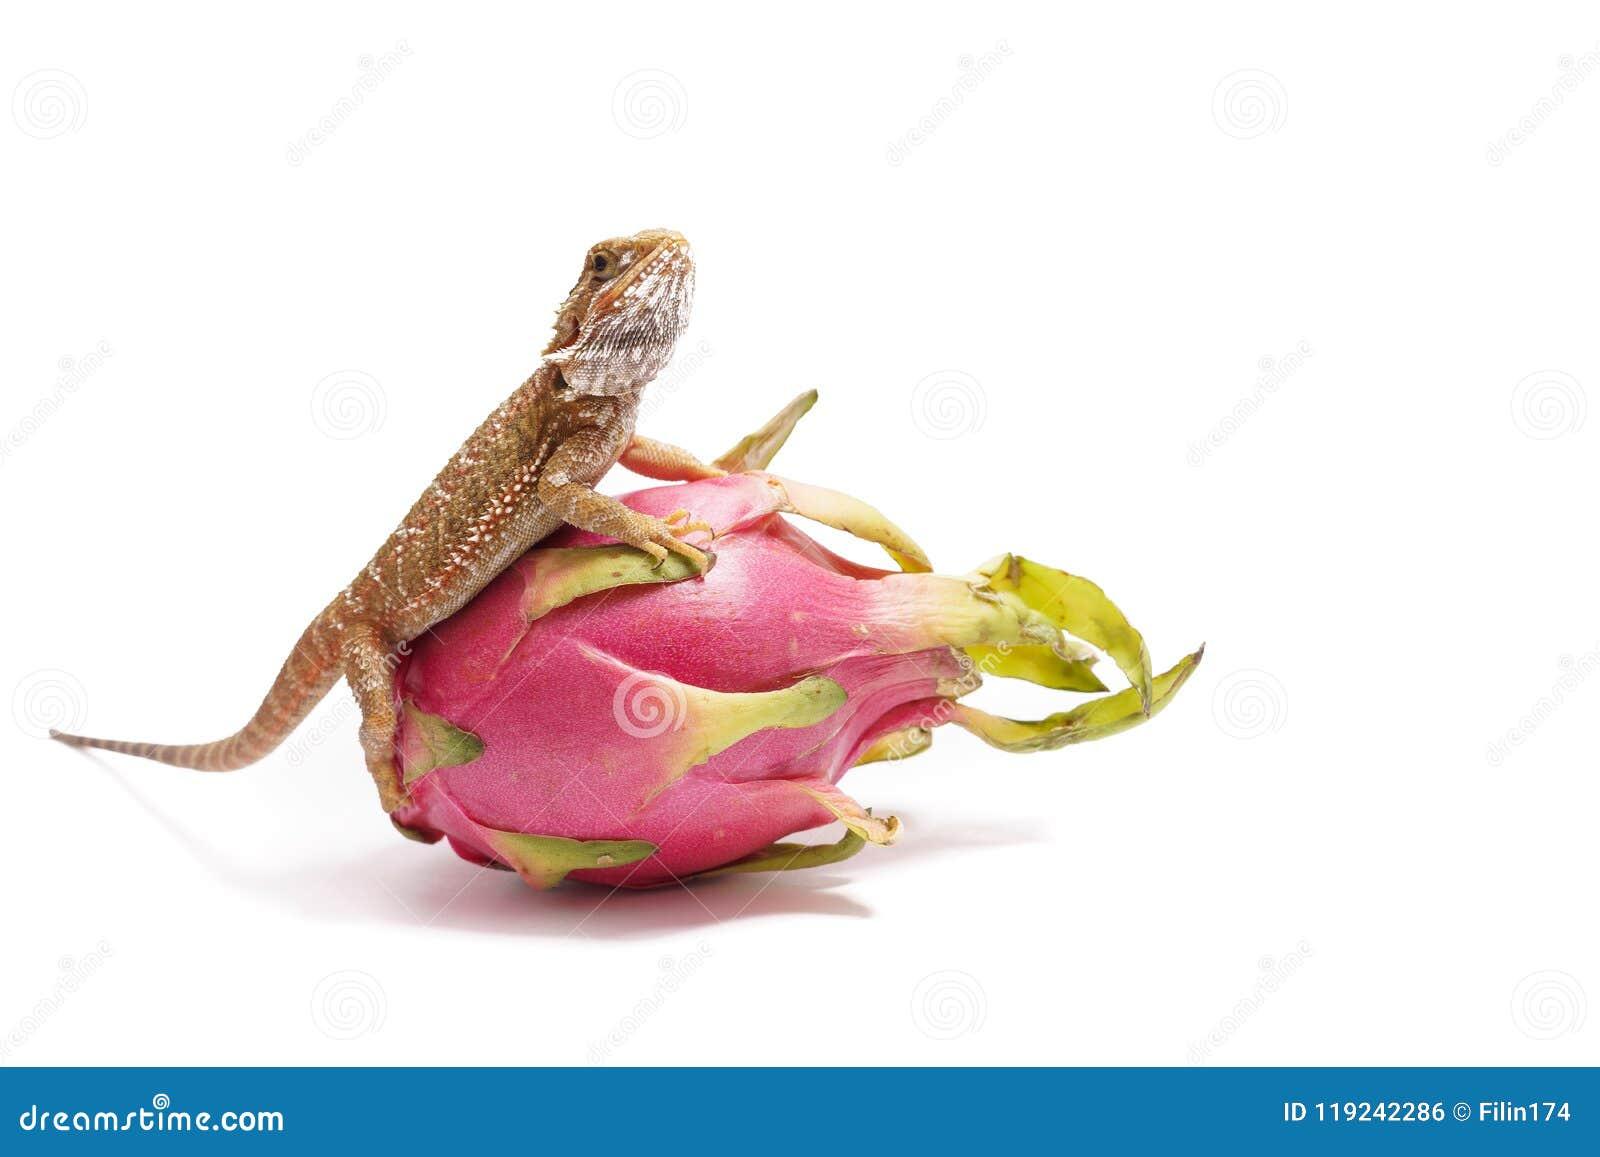 Agamaen sitter på frukten av pityahyaen (drakefrukt) som en drake